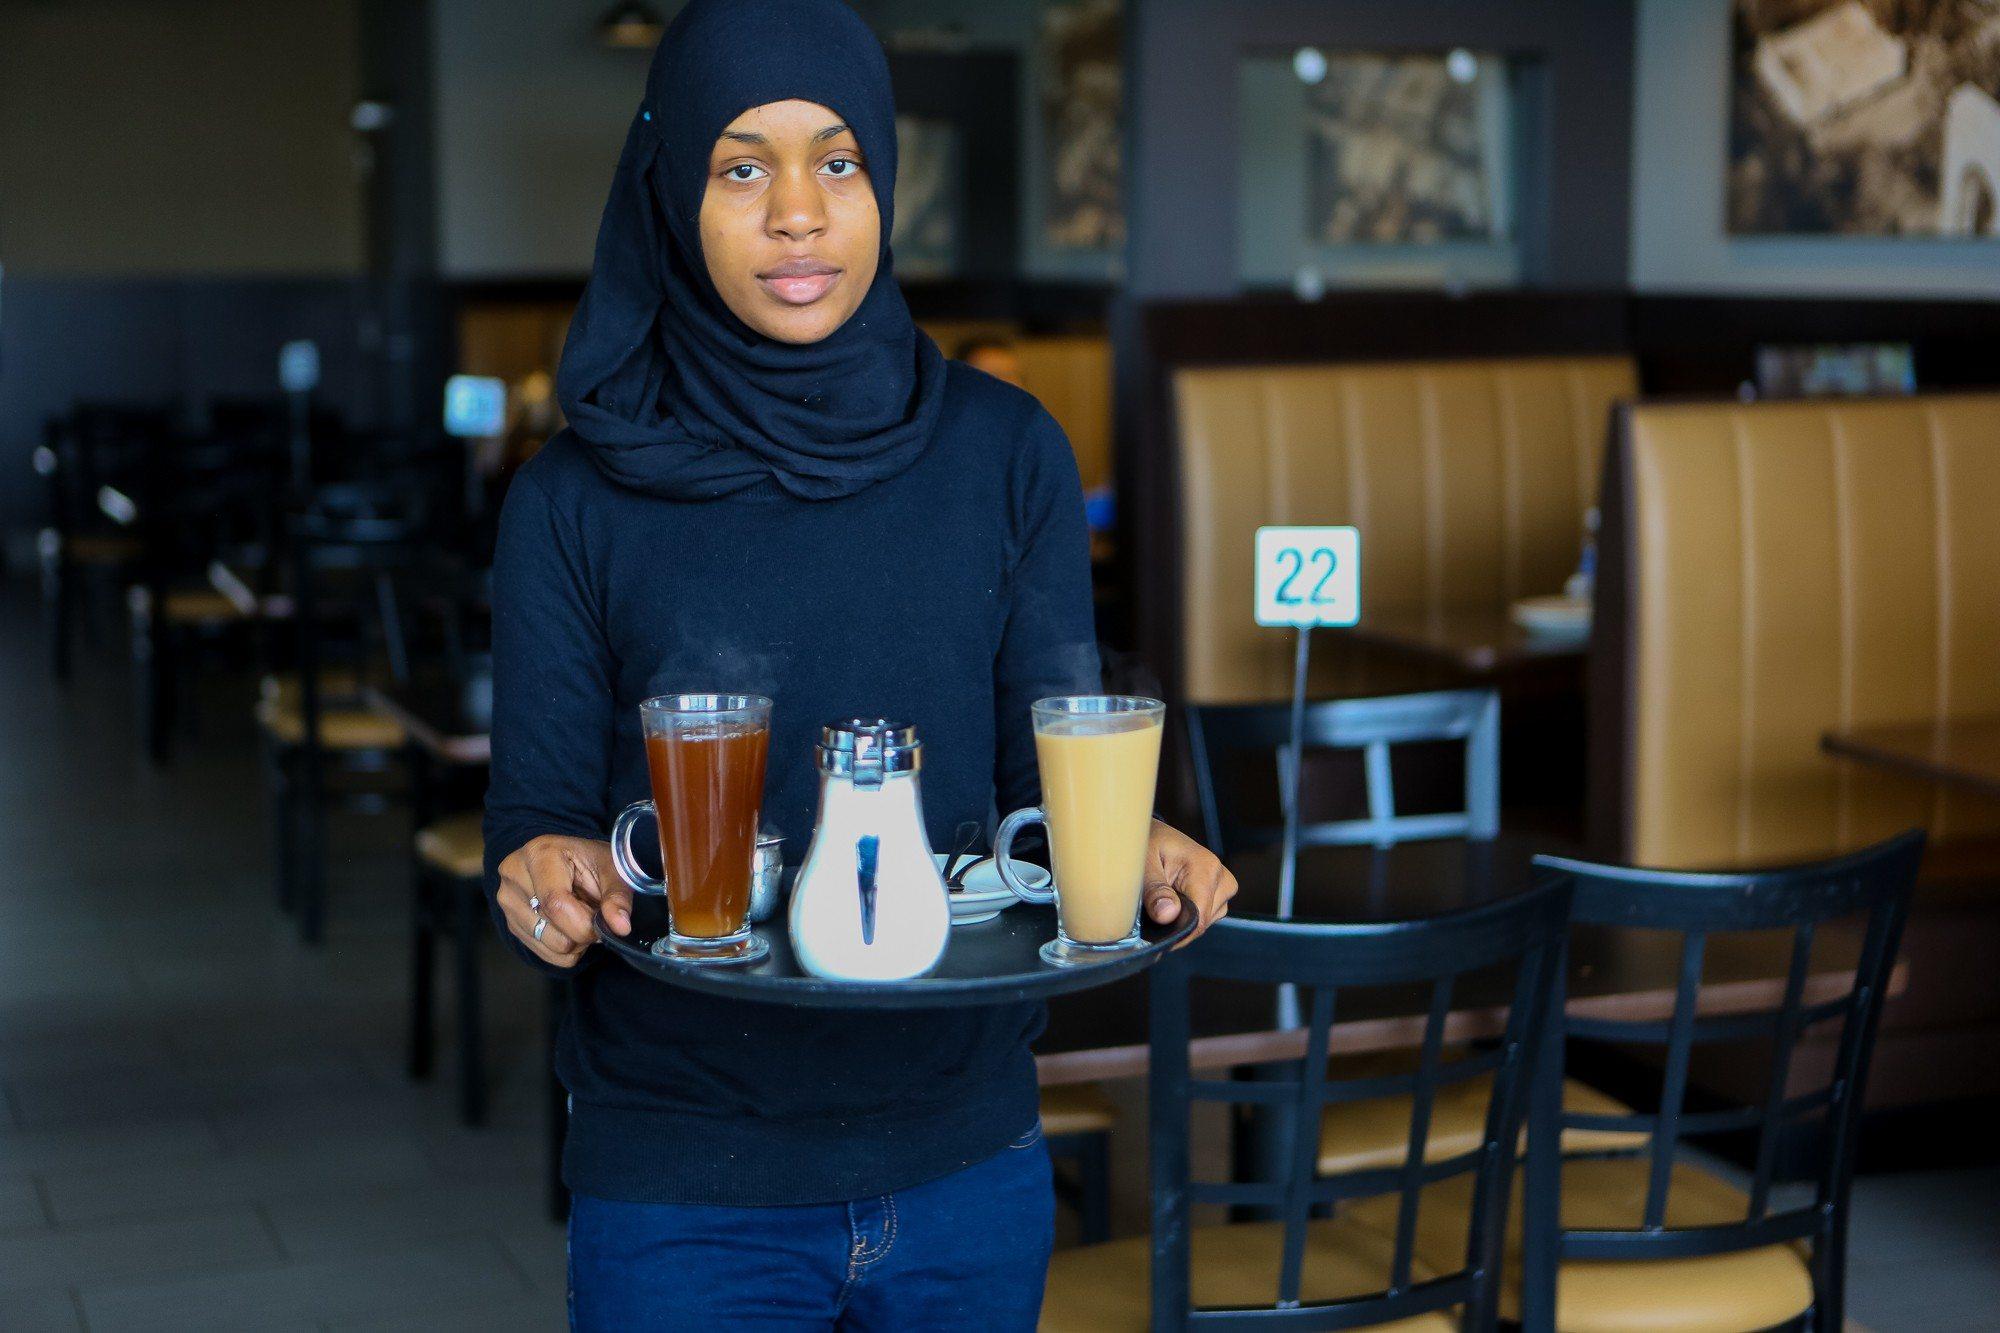 toronto-restaurants-chefs-in-the-burbs-bashir-munye-somali-rexdale-xawaash-tea